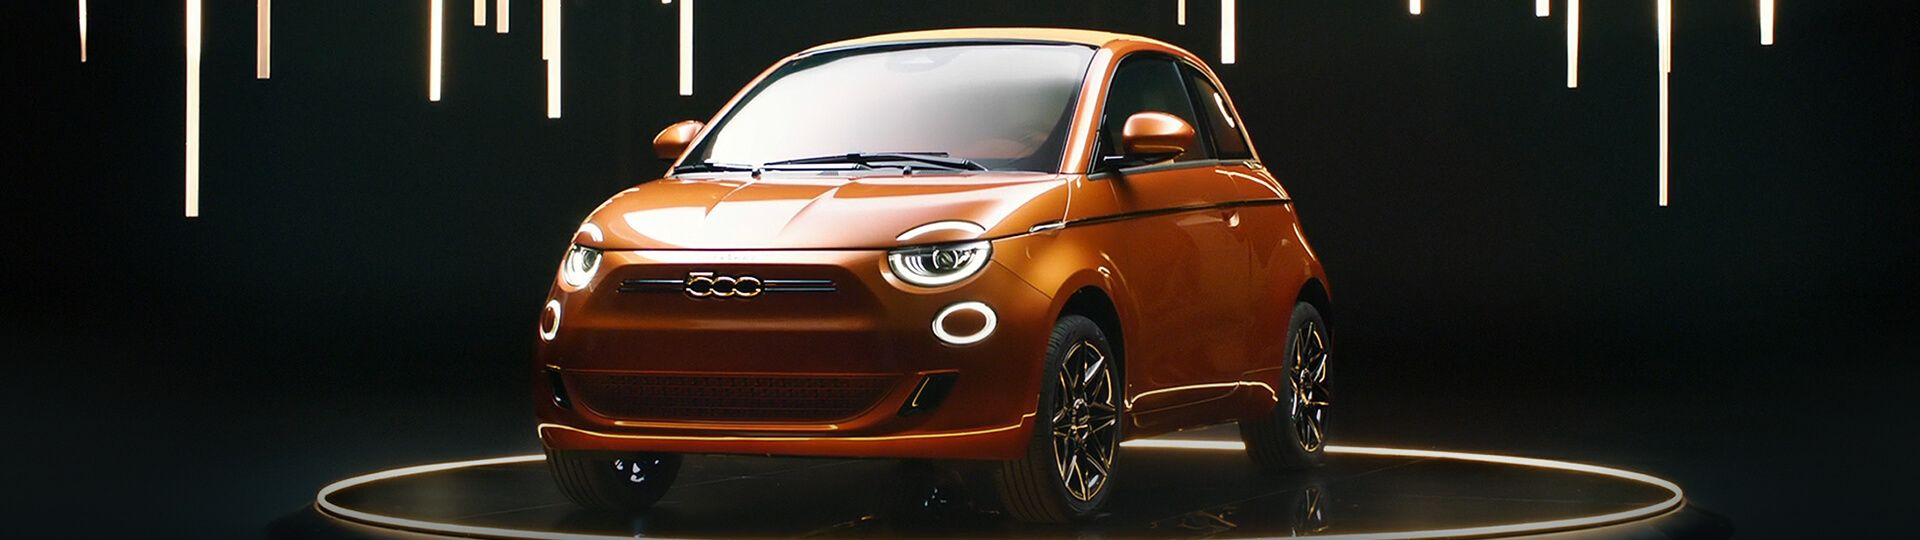 Foto: Fiat/reprodução